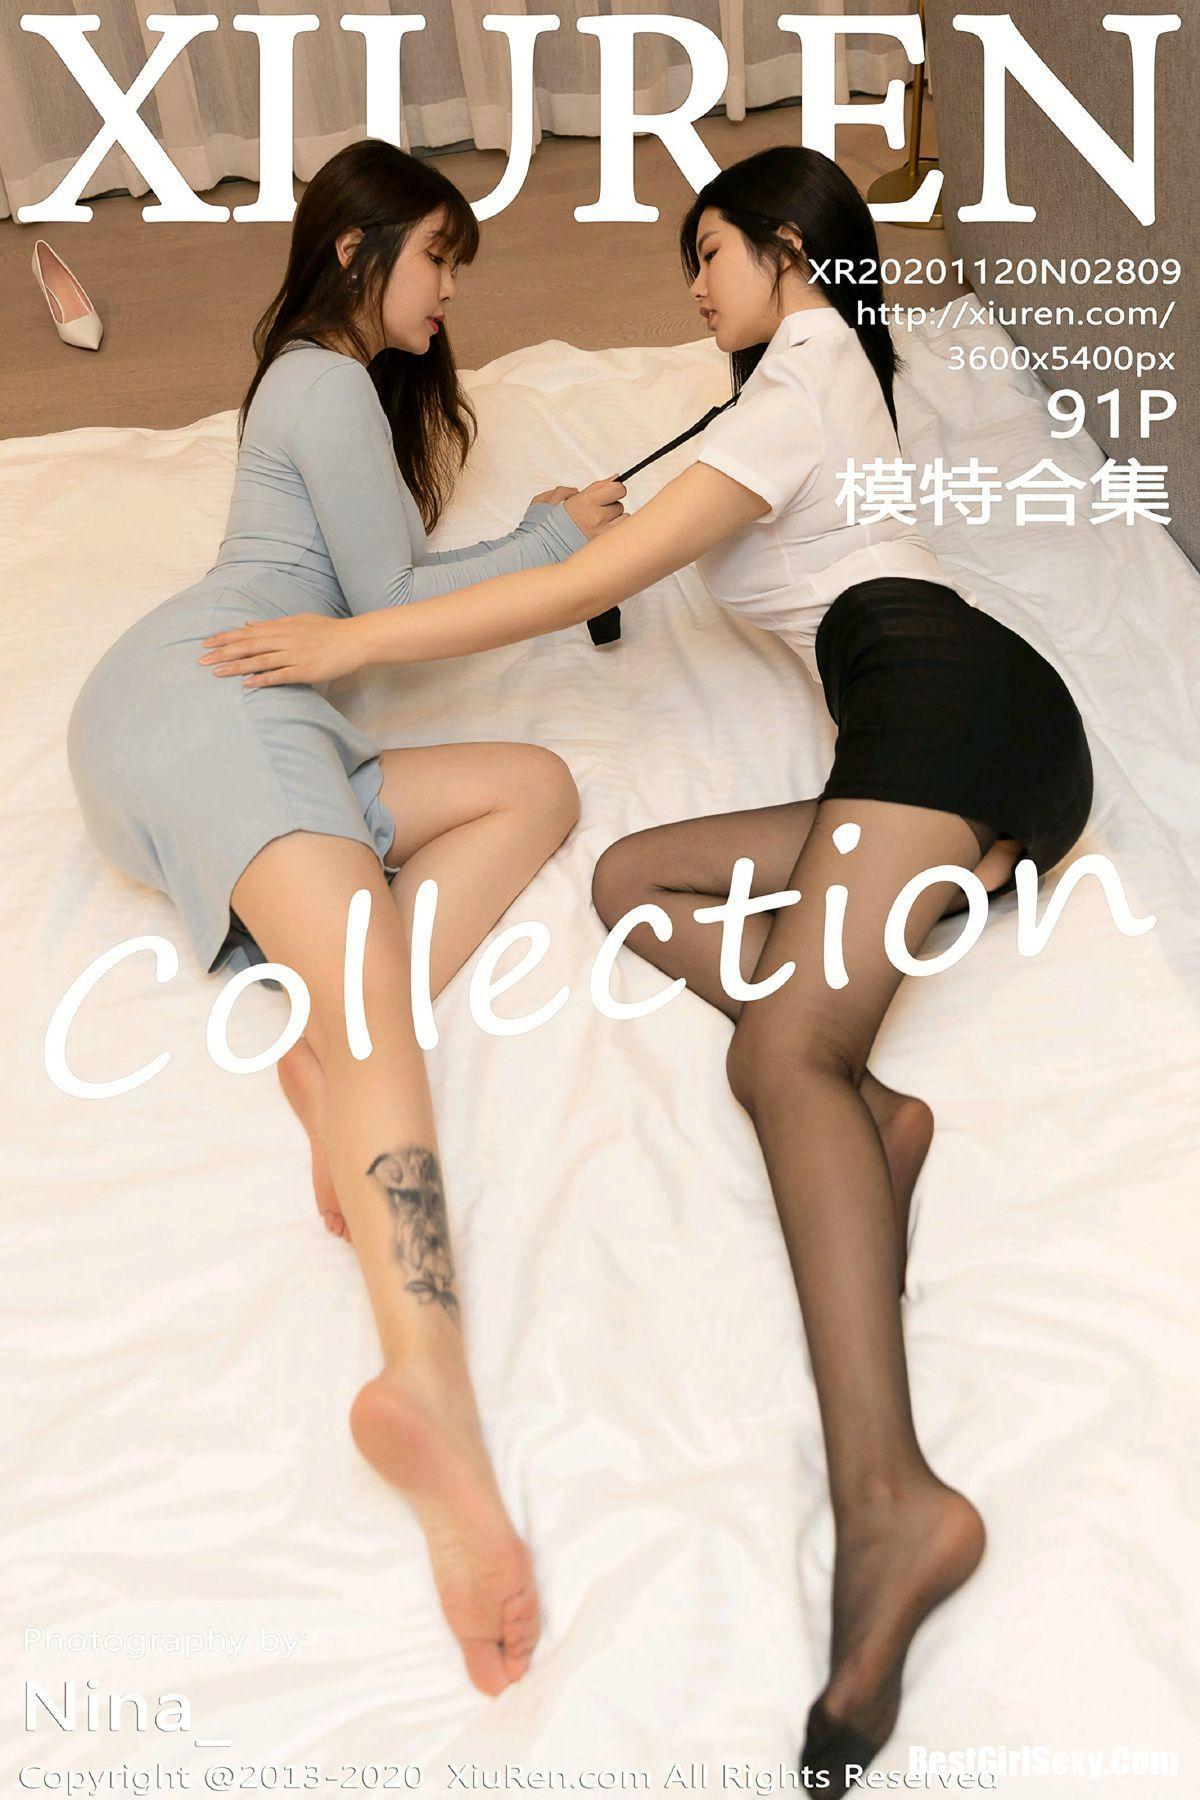 XiuRen秀人网 No.2809 Model Collection